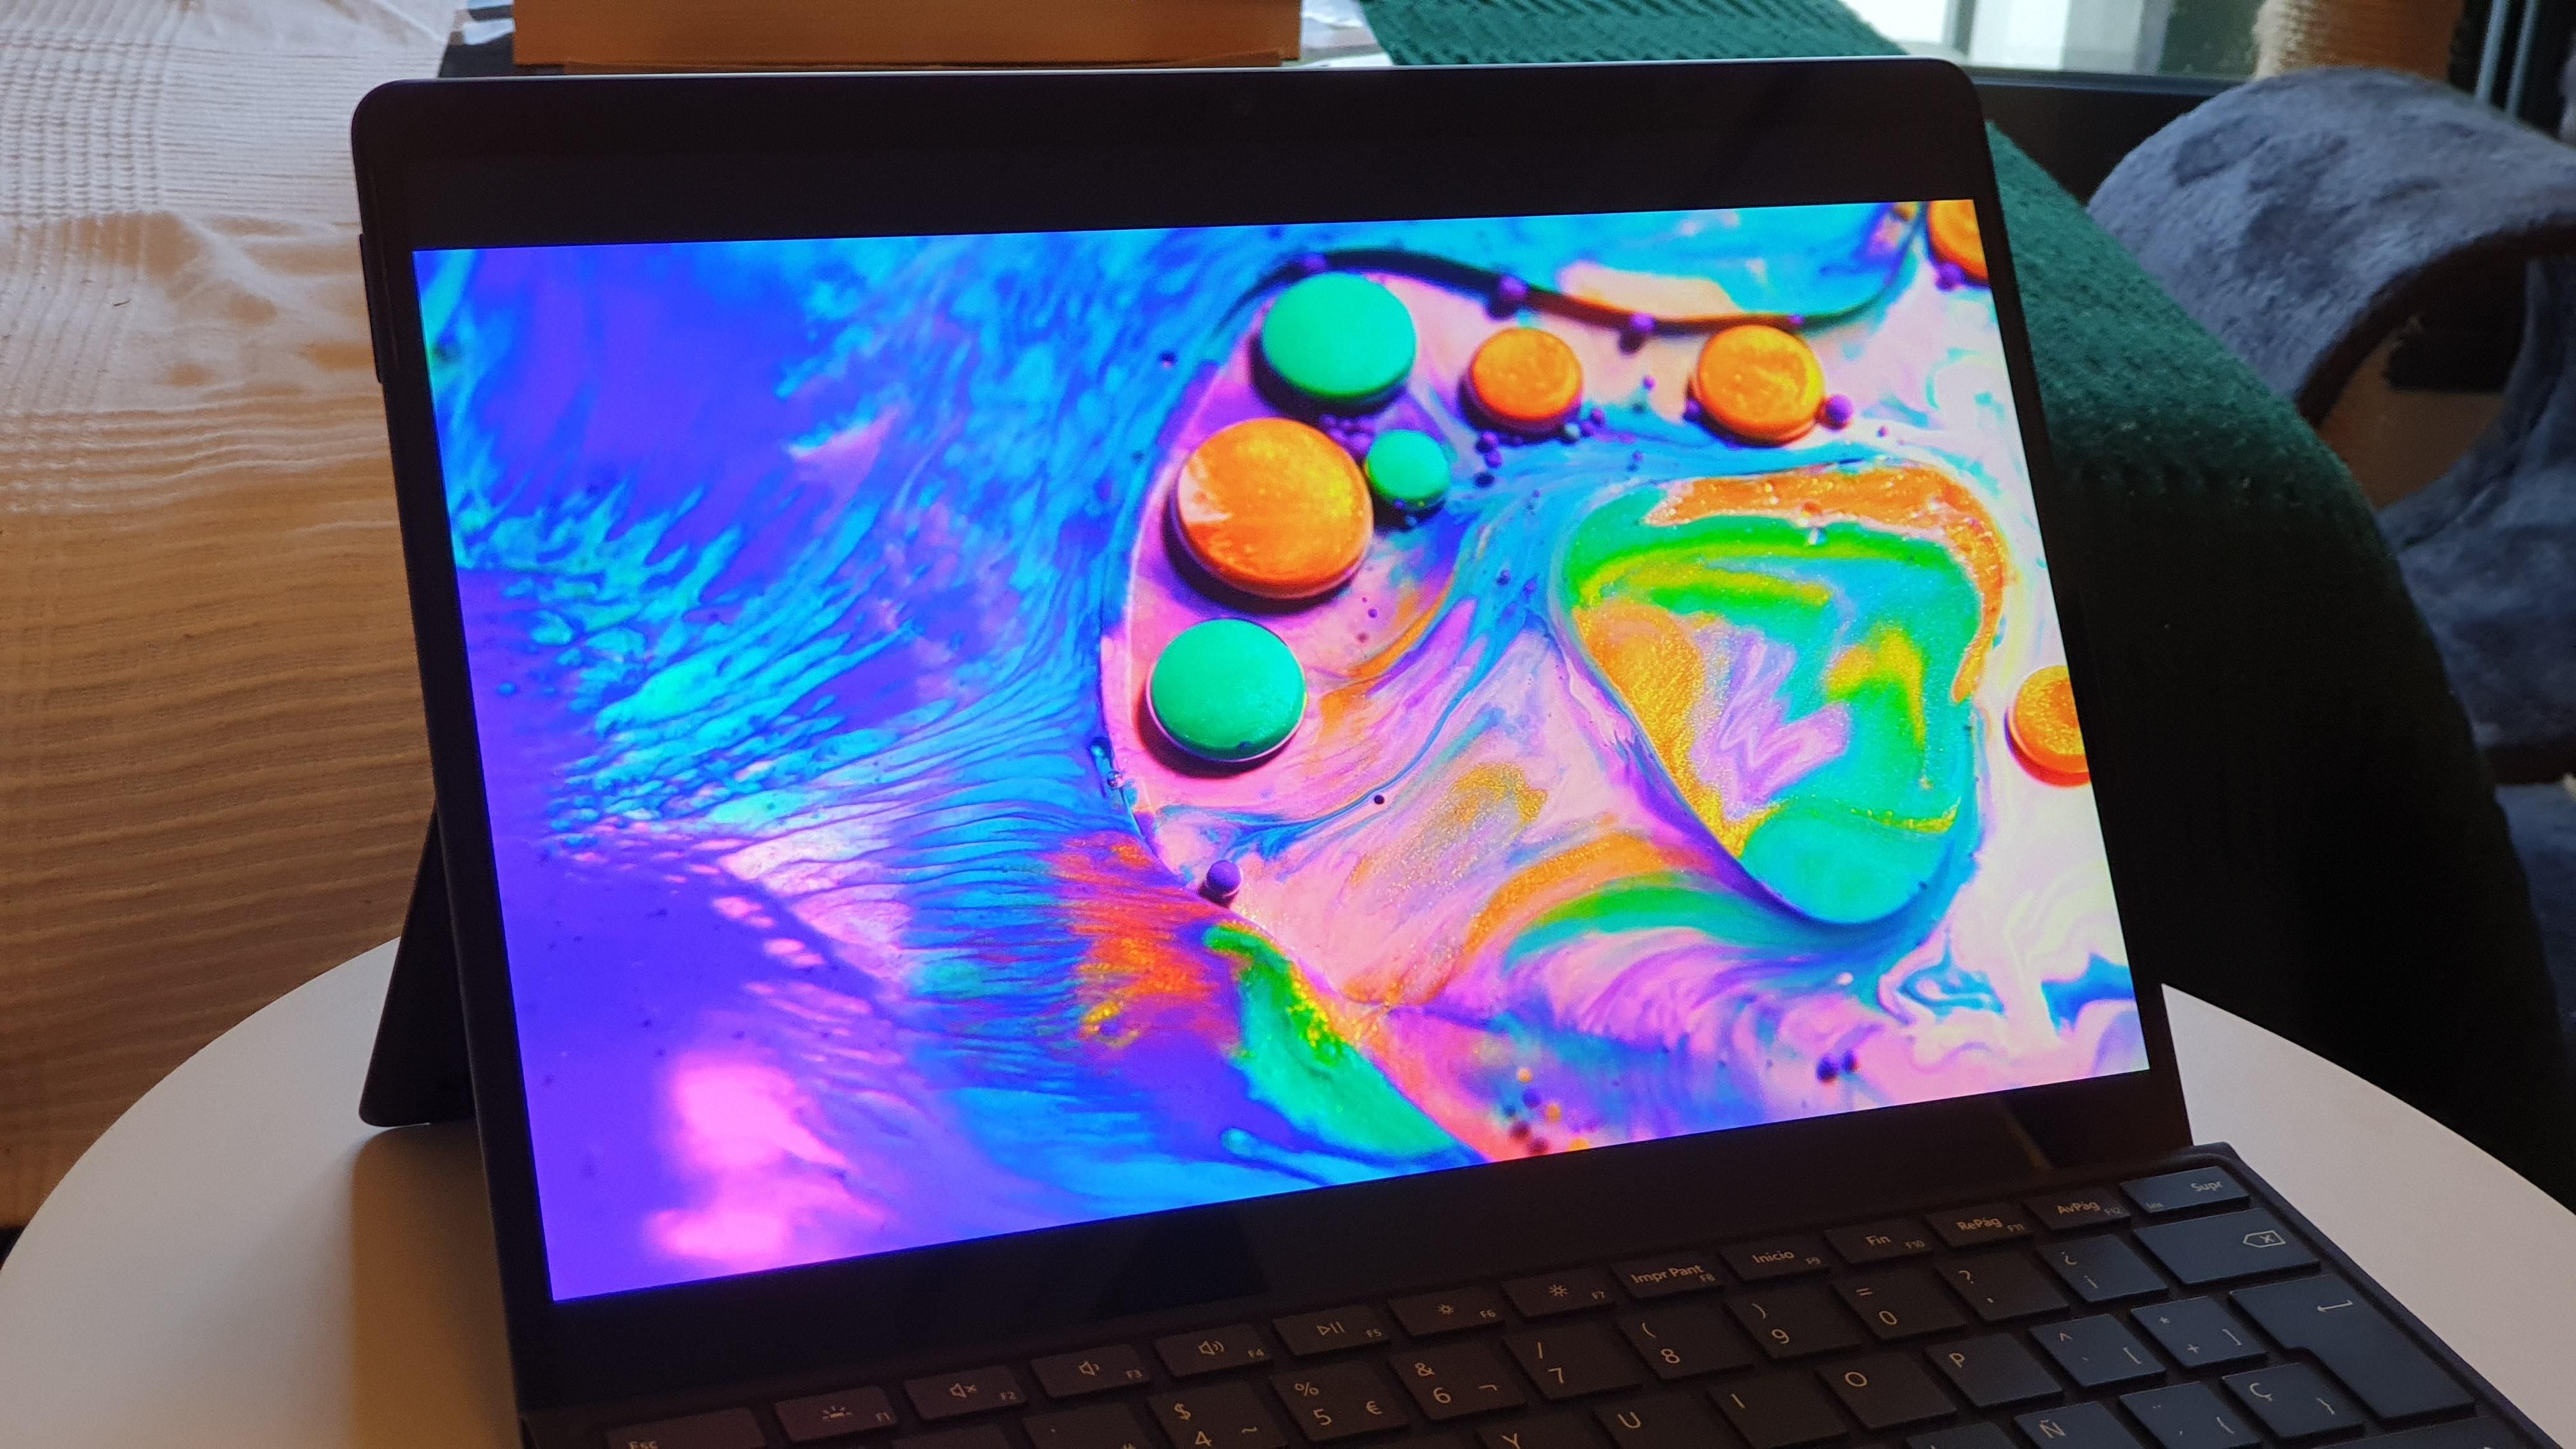 Pantalla mostrando un vídeo con colores intensos